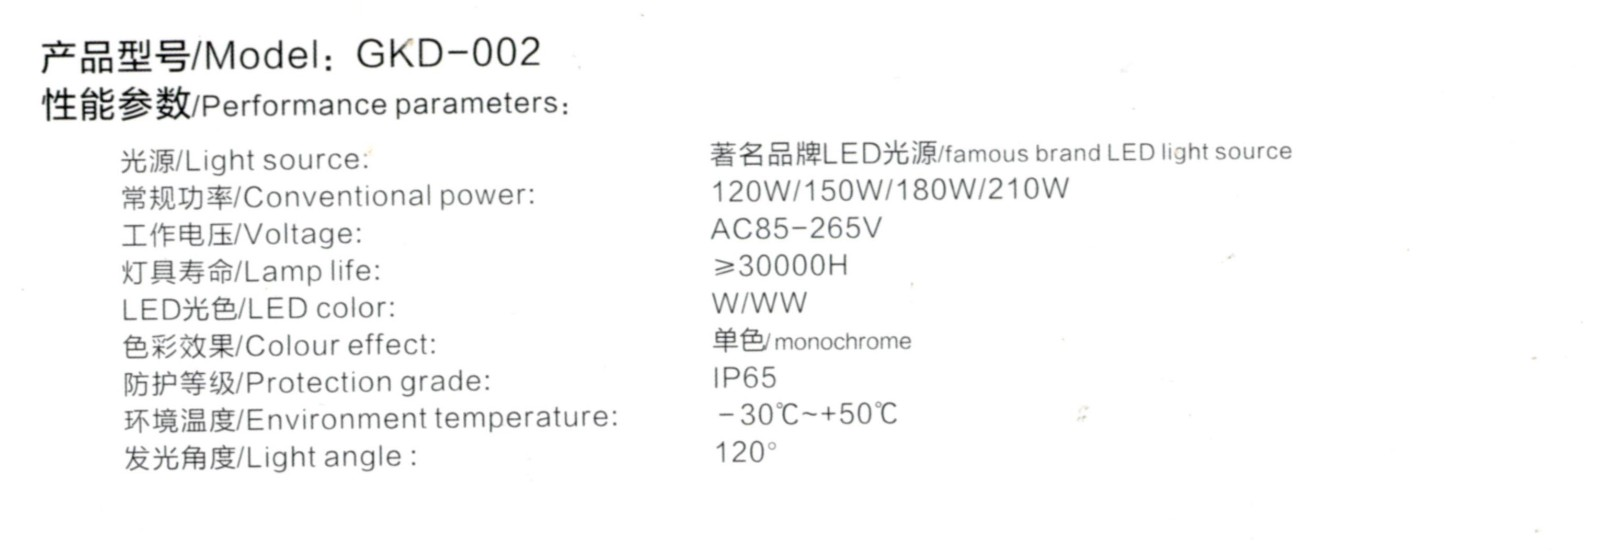 LED工矿灯Model∶GKD-002参数.jpg